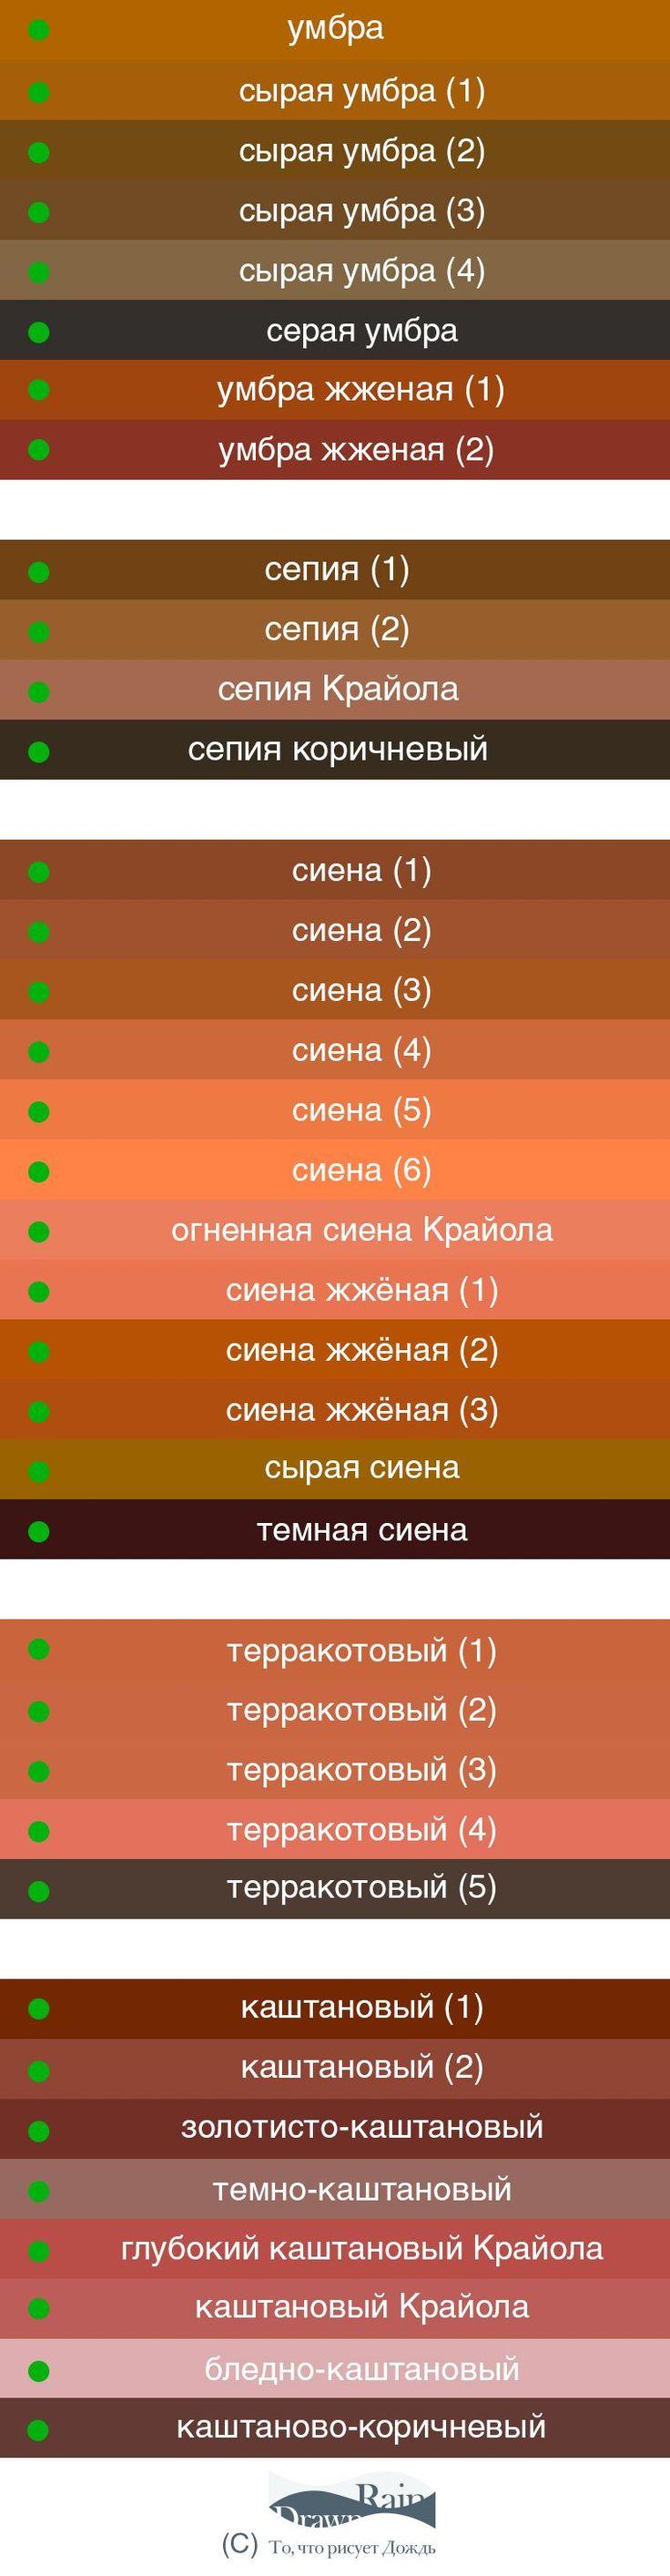 И снова о мокаччино, имбире и блохах: учимся различать оттенки коричневого - Ярмарка Мастеров - ручная работа, handmade